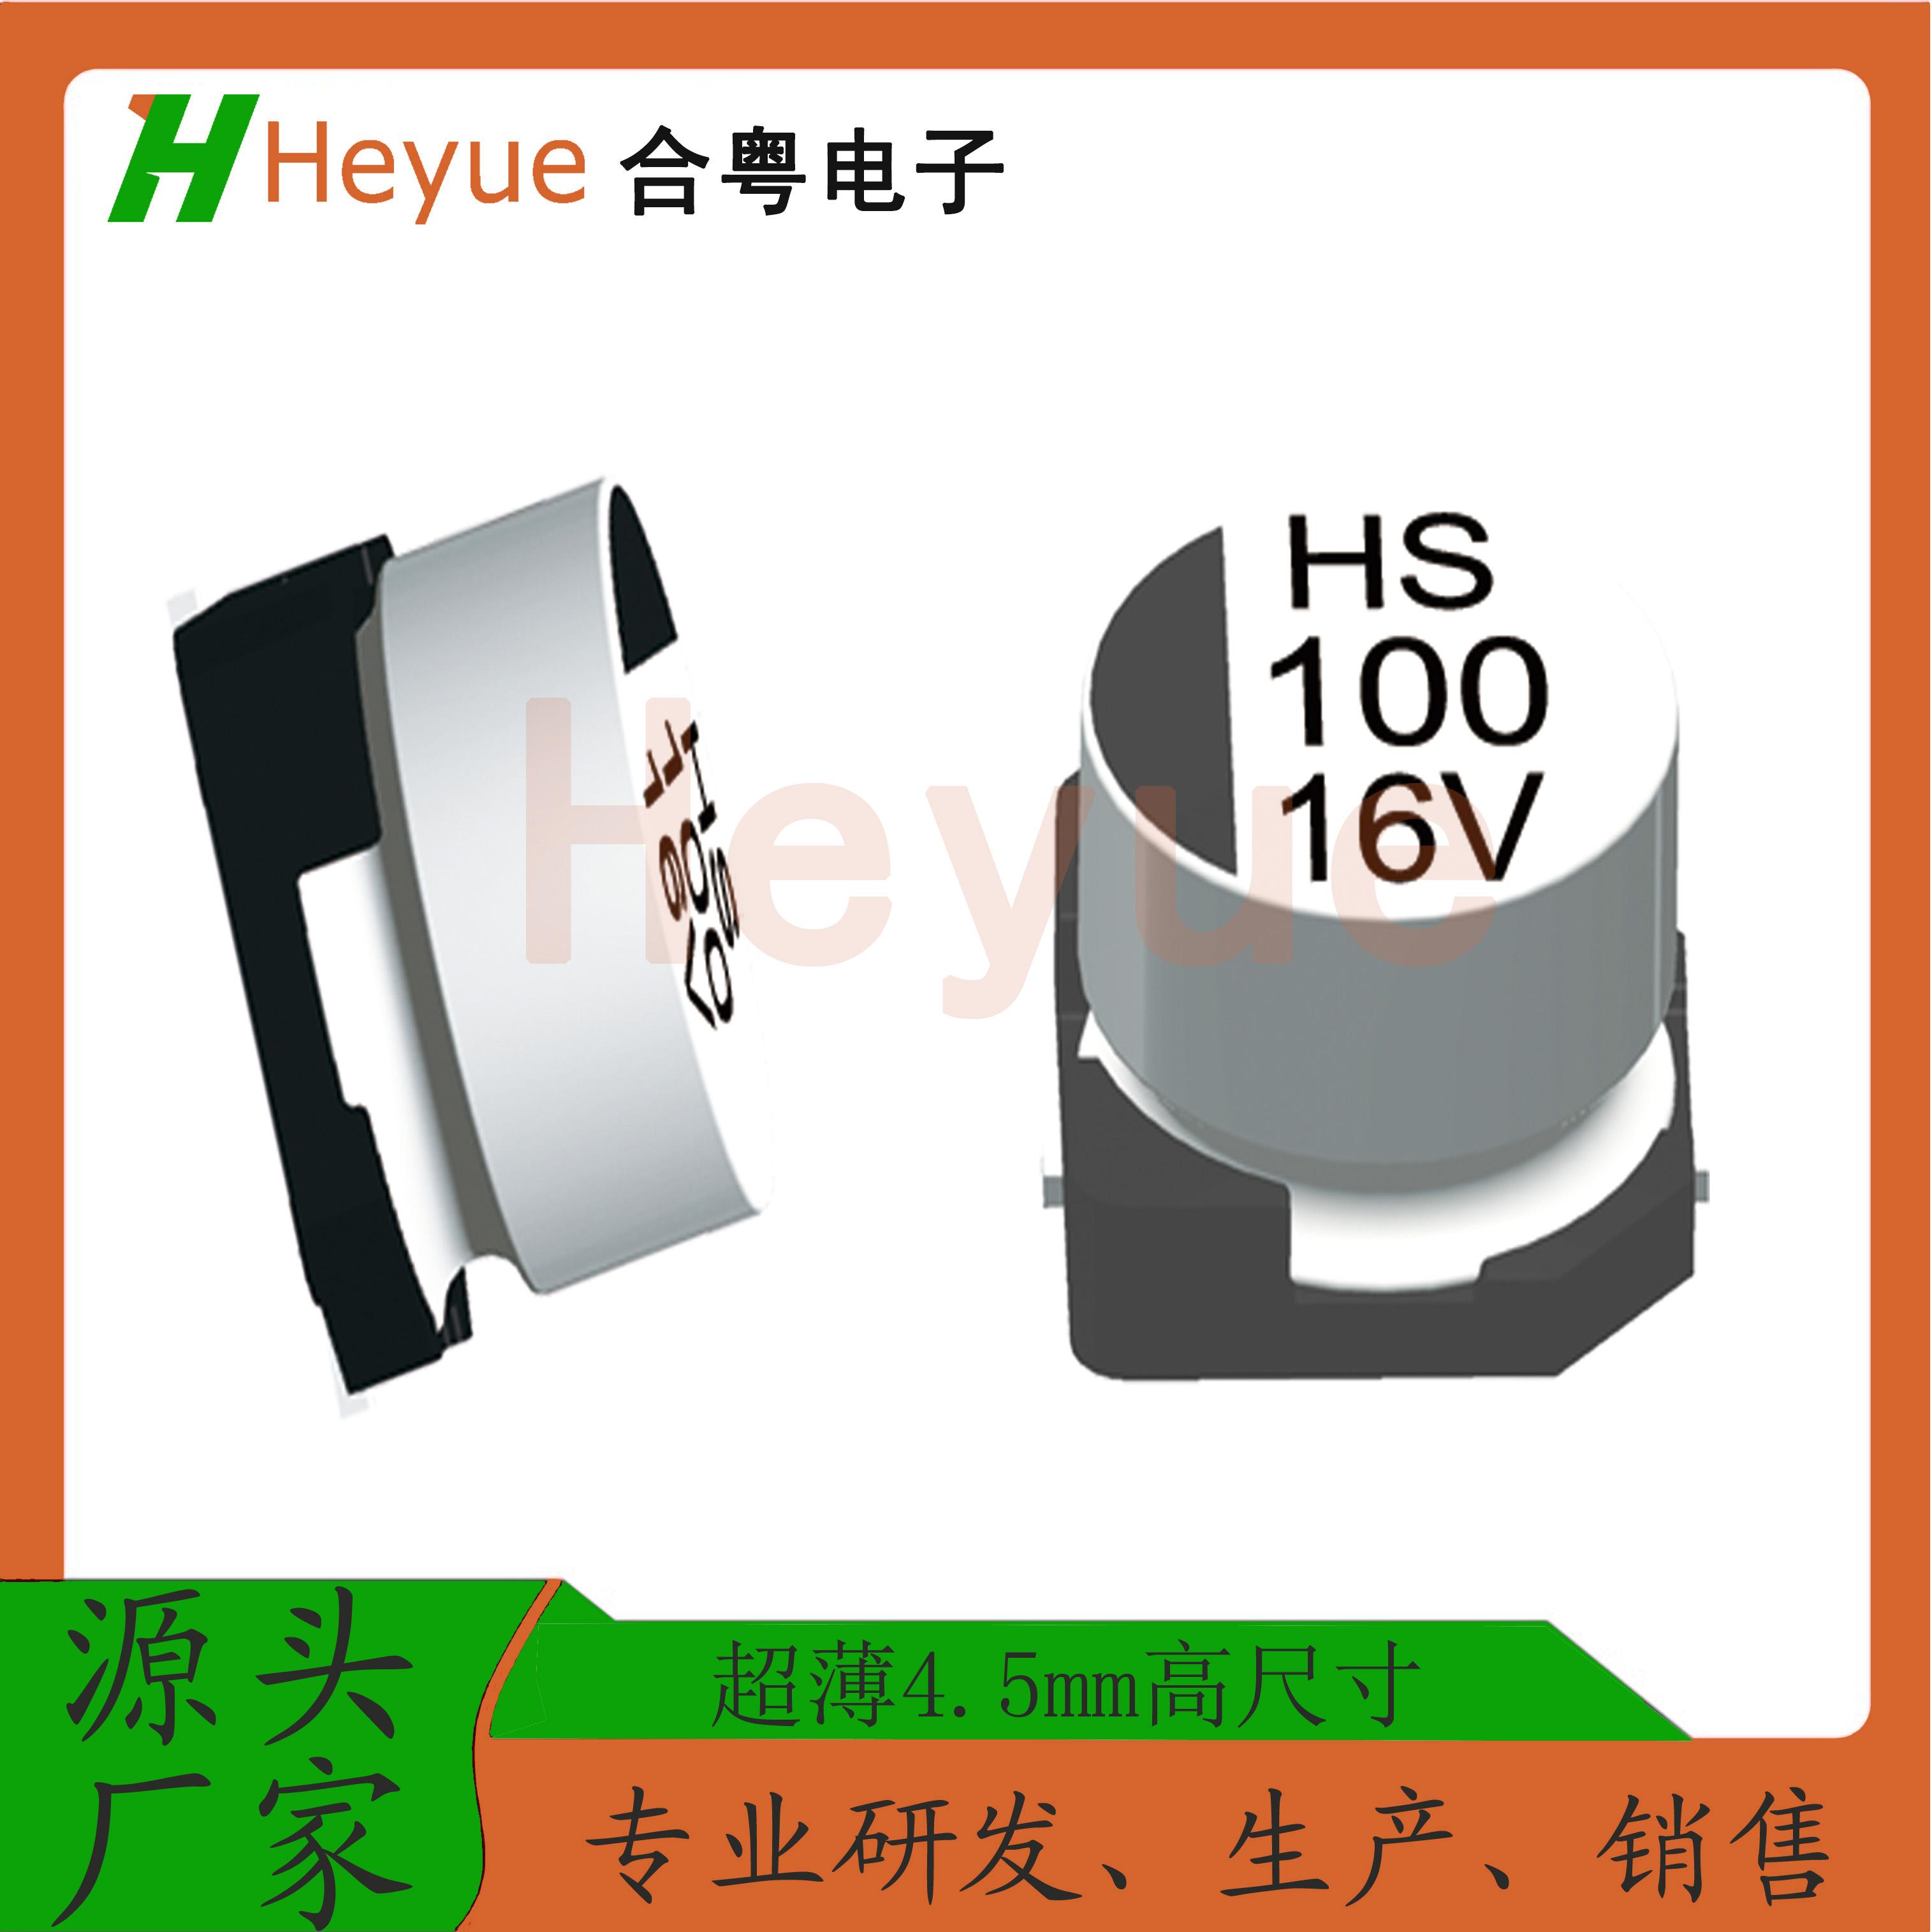 135℃铝电解电容车用电容的简单介绍